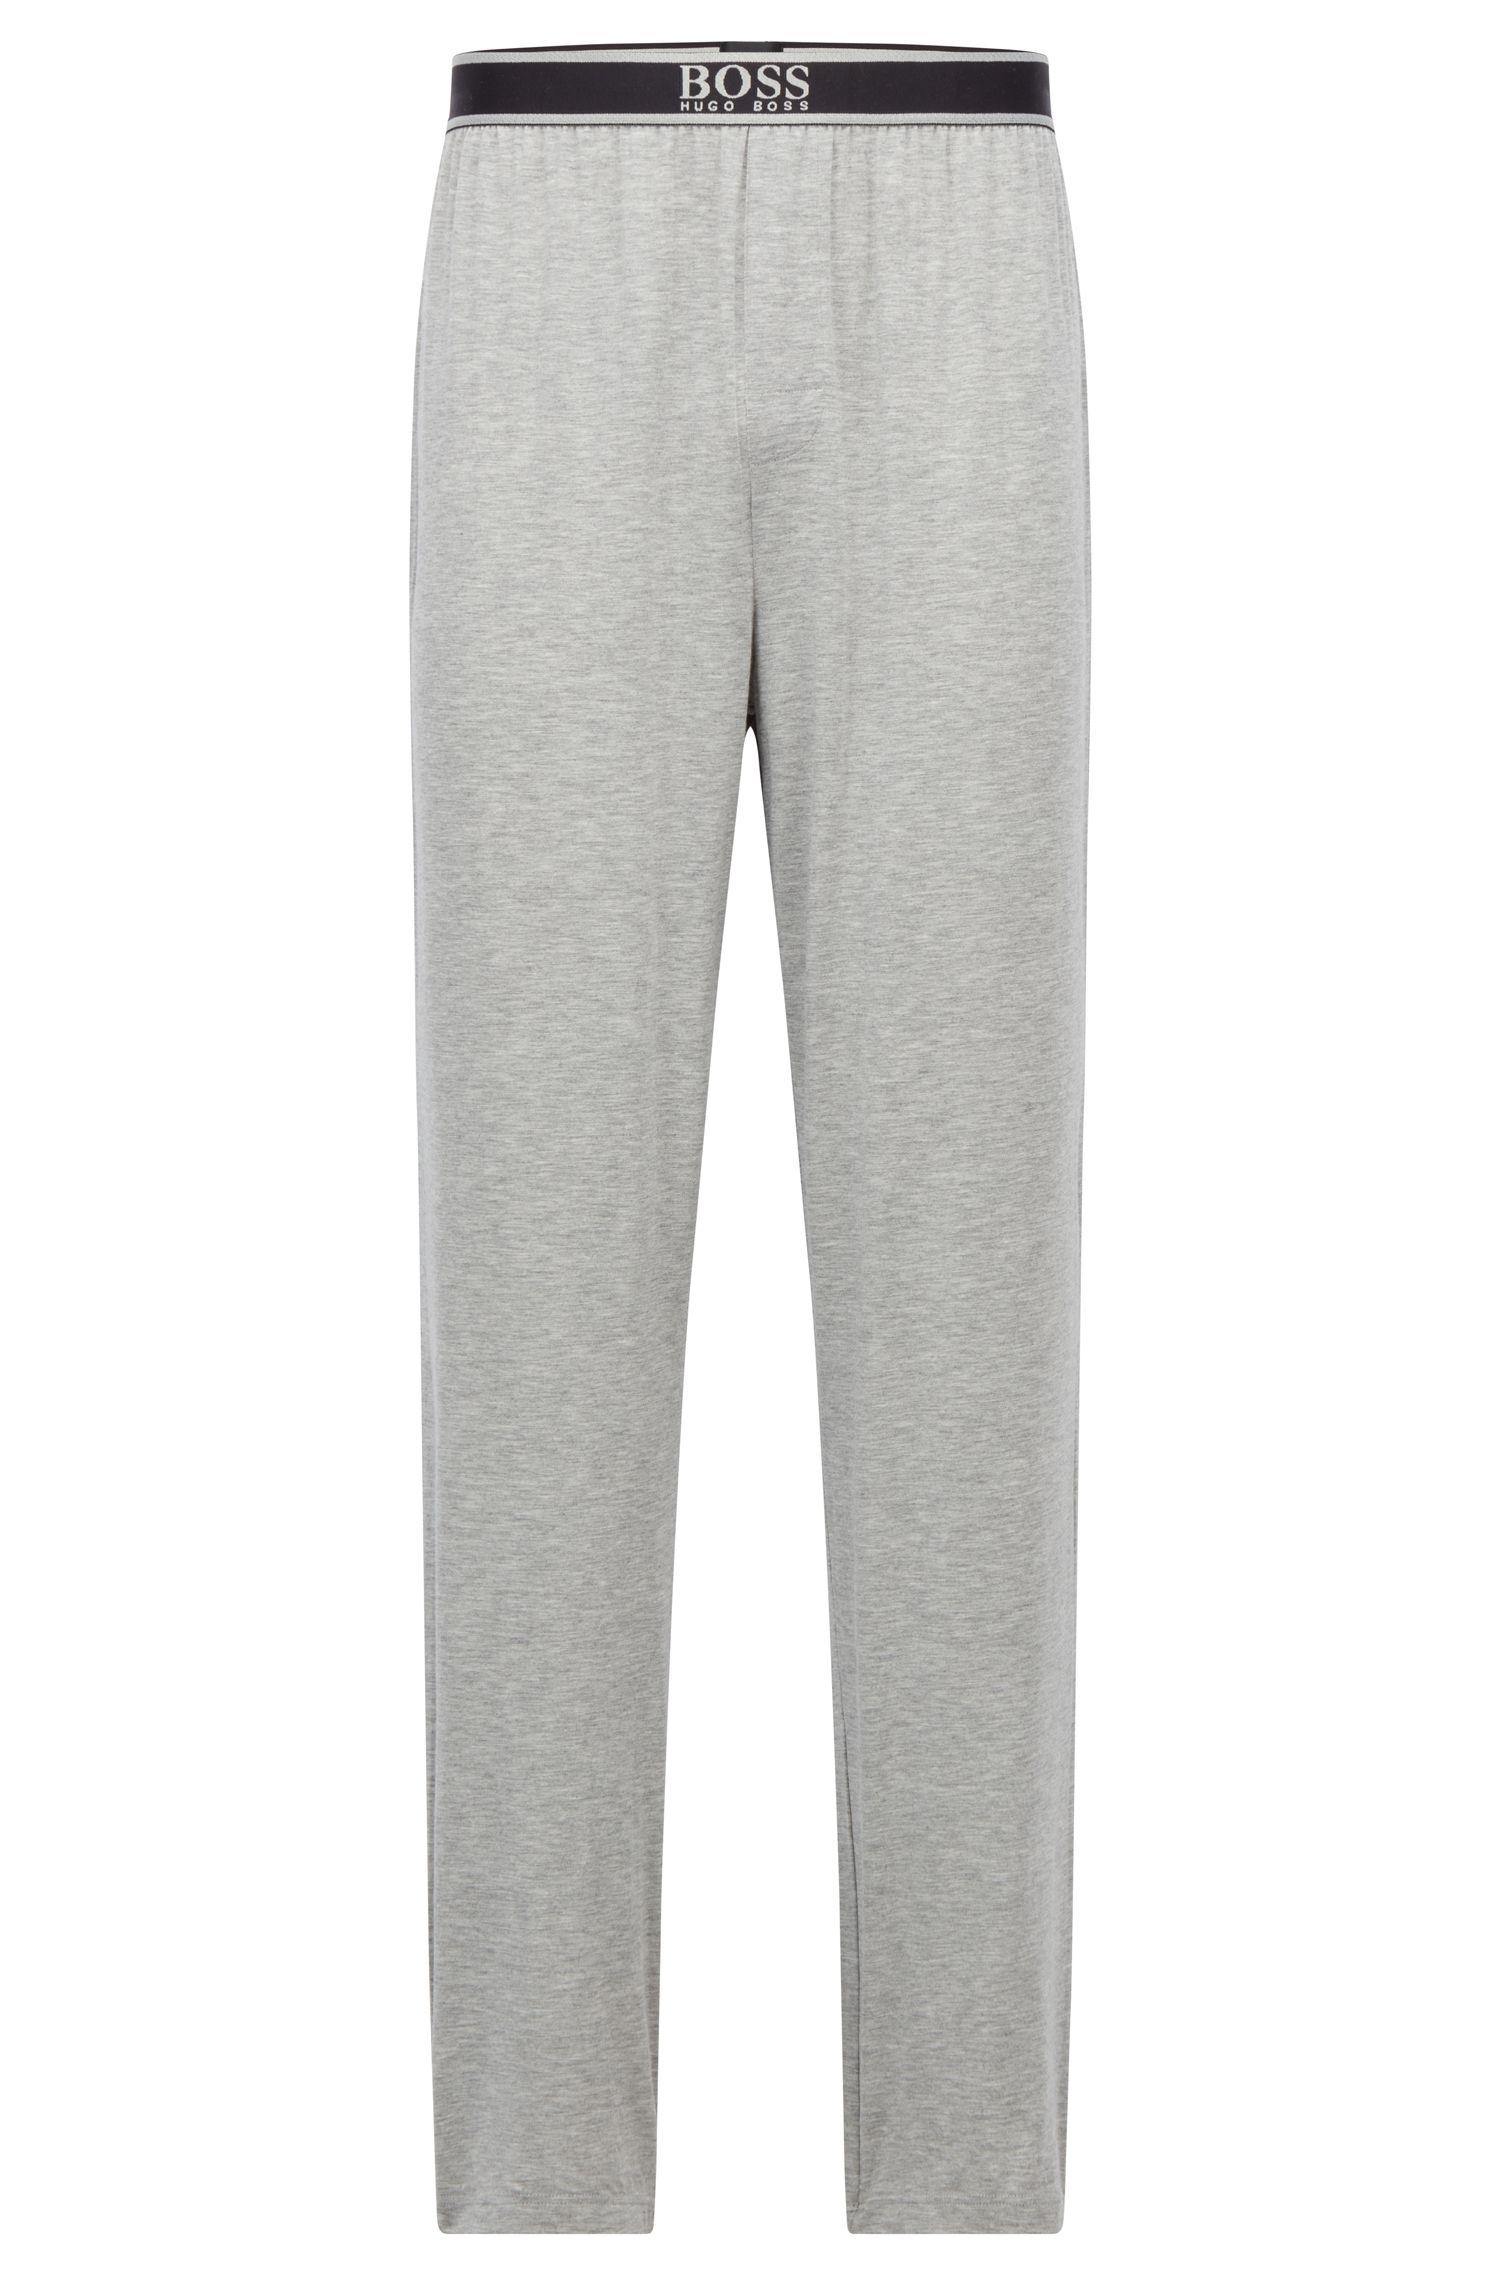 Pantalones de pijama en modal elástico con logo en la cintura, Gris